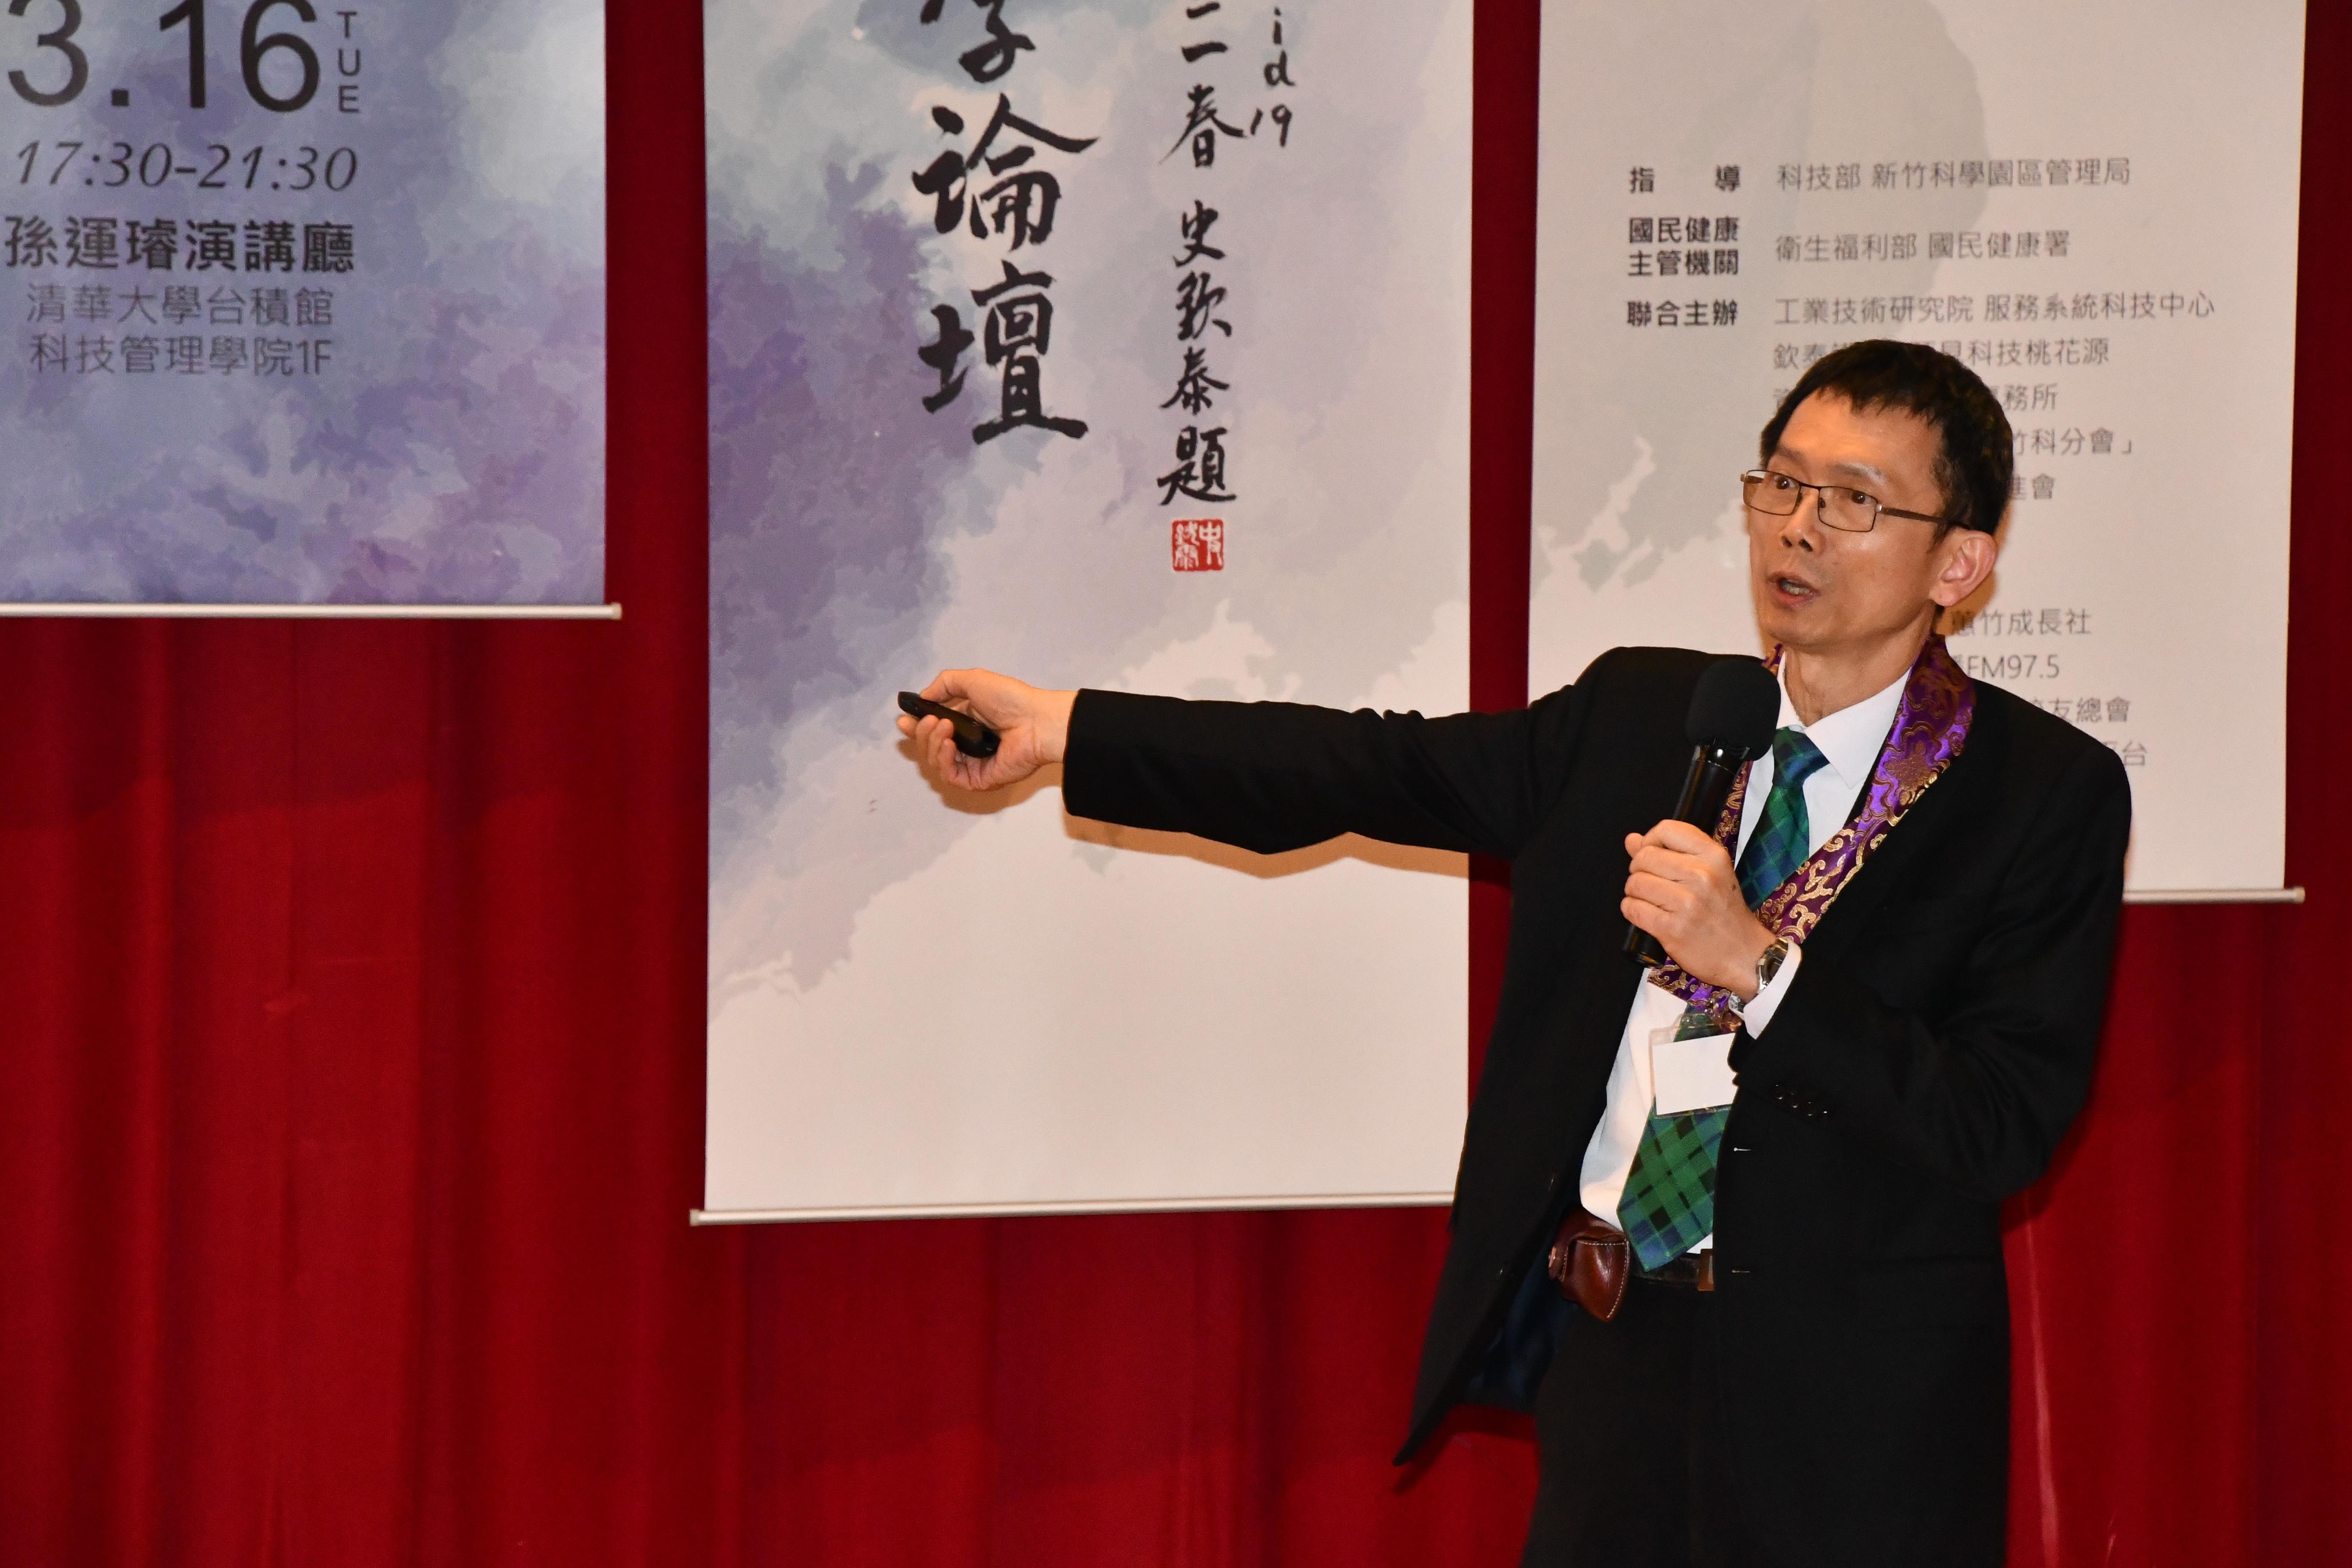 馬偕紀念醫院總院副院長葉宏一演講。(賴月貴/大紀元)